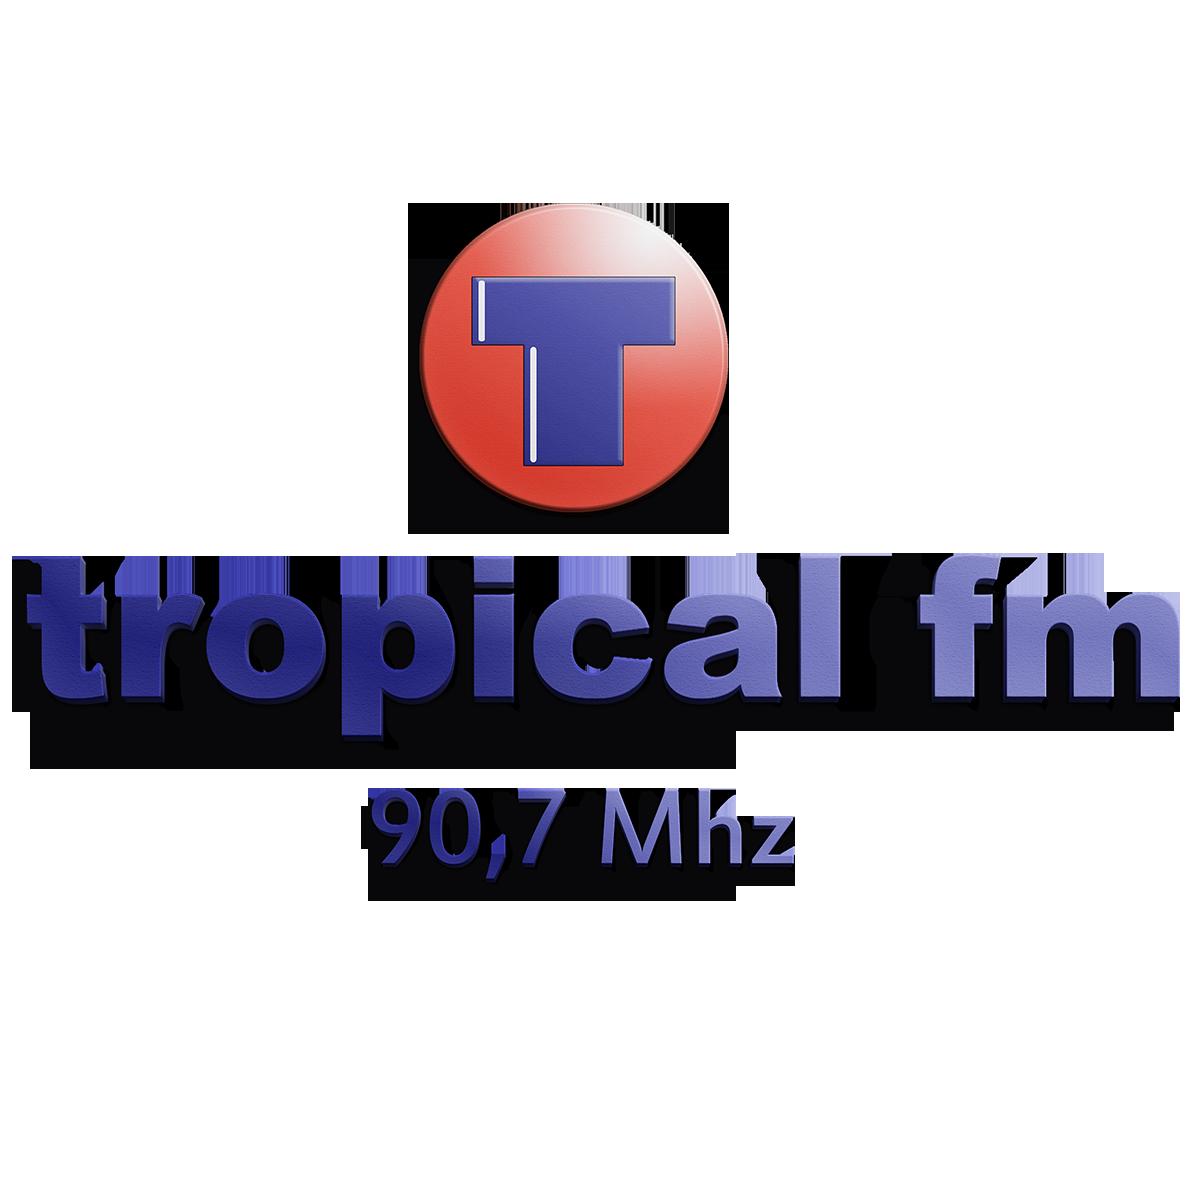 Tropical Fm de Birigui 90,7